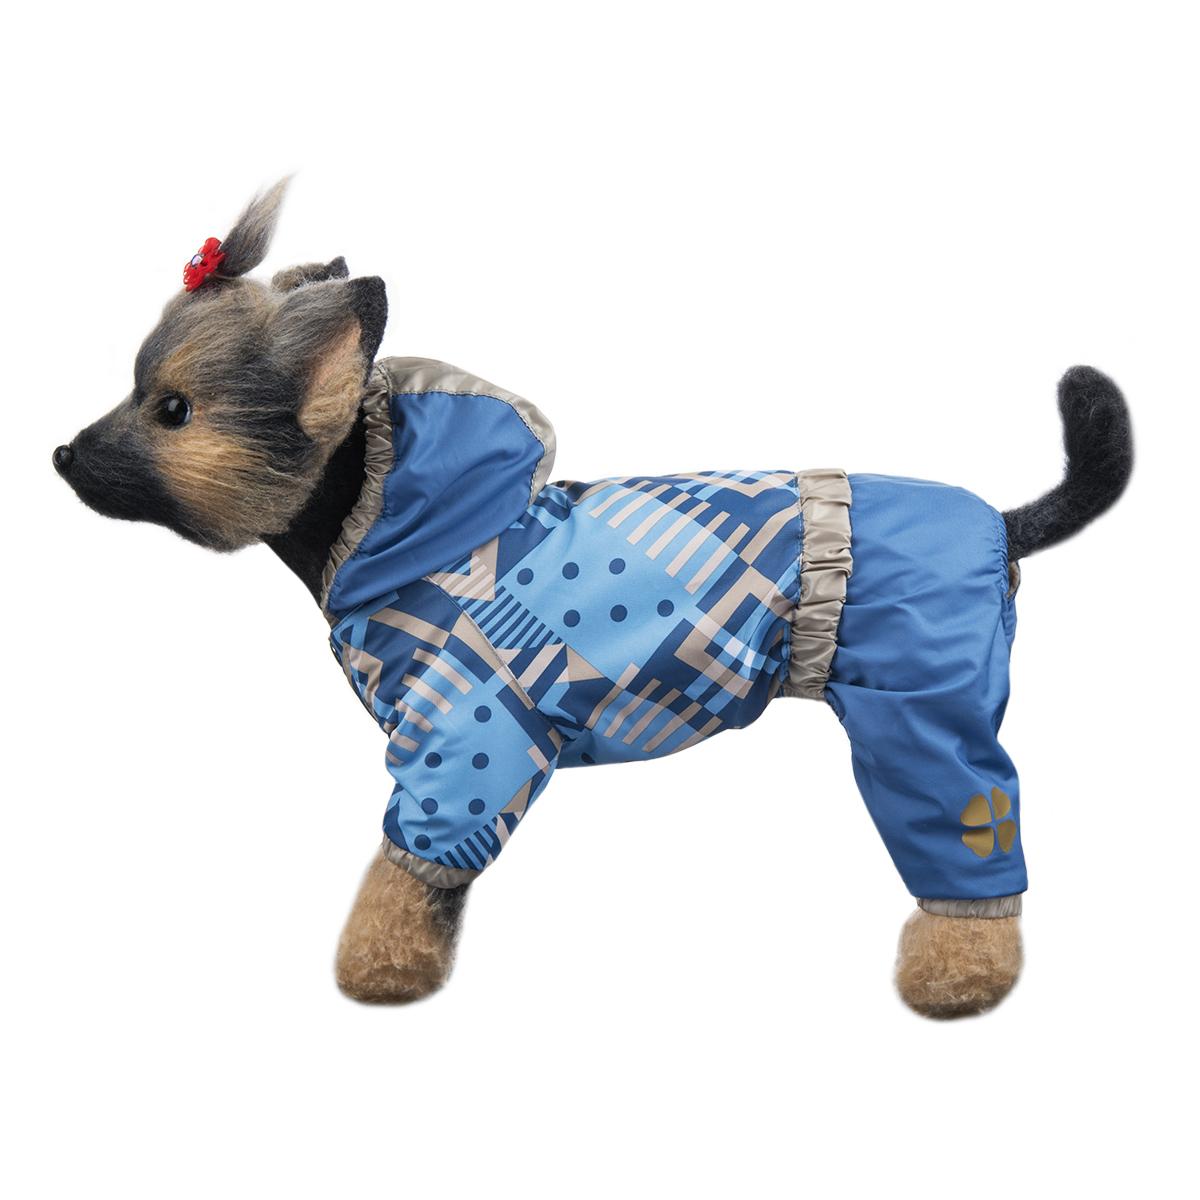 """Комбинезон для собак Dogmoda """"Прогулочный"""", унисекс, цвет: голубой, серый. Размер 1 (S)"""